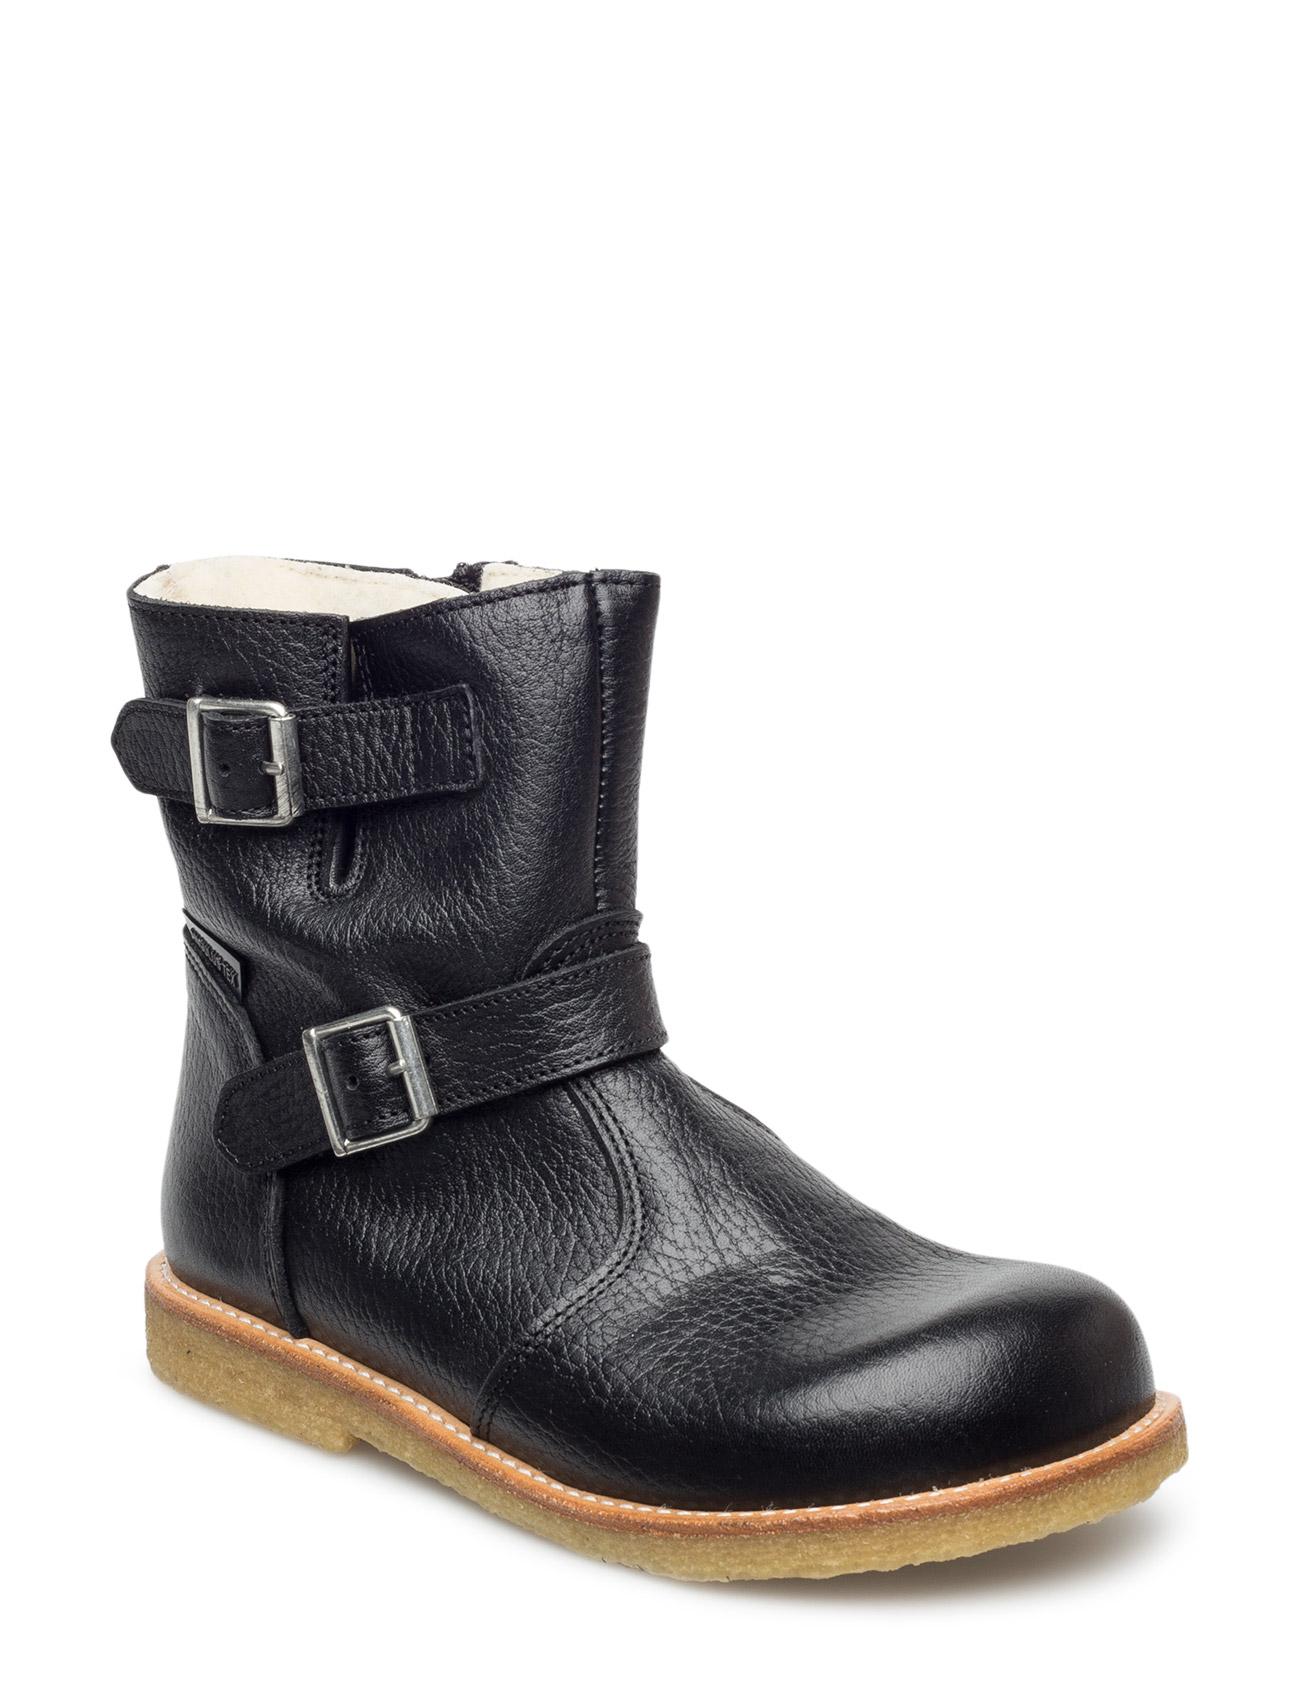 Boots - Flat ANGULUS Støvler til Børn i